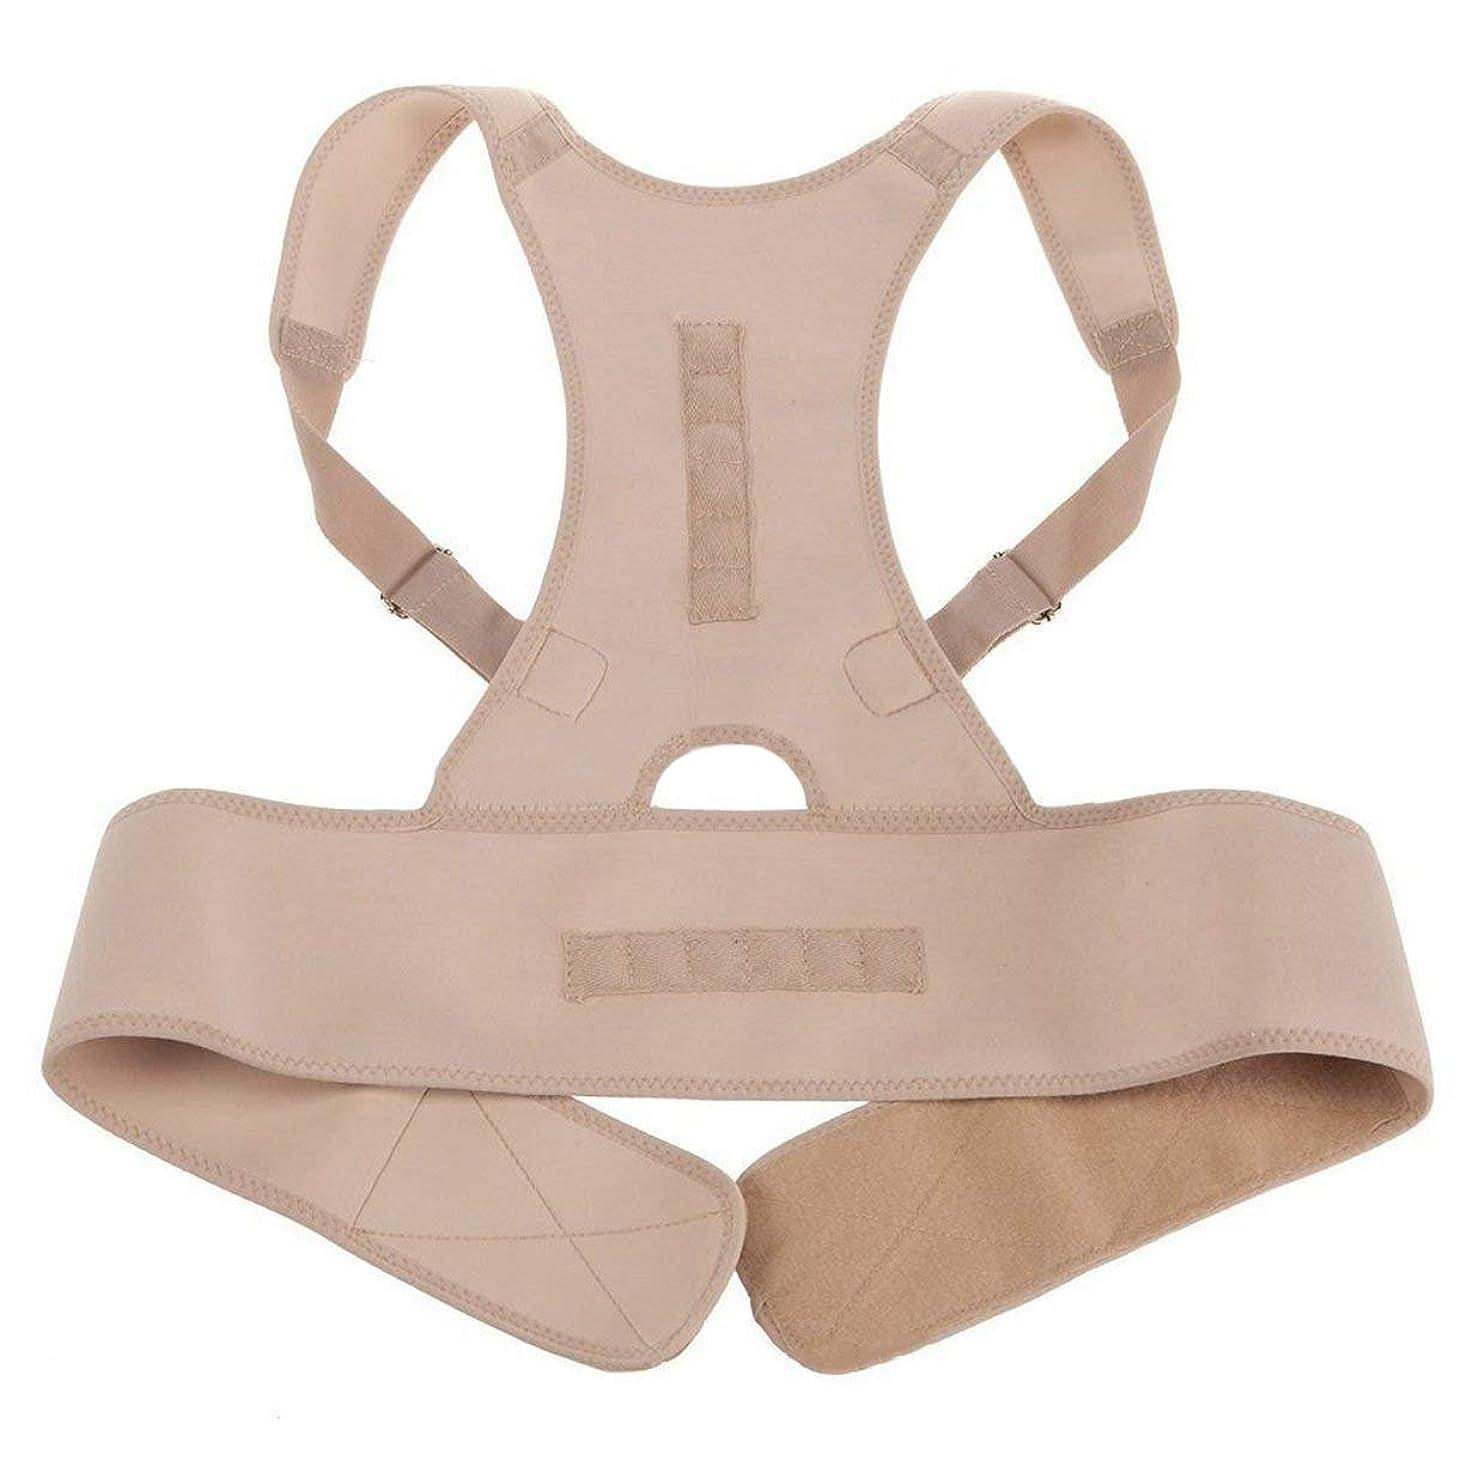 アトラス金額医療過誤ネオプレン磁気姿勢補正器バッドバック腰椎肩サポート腰痛ブレースバンドベルトユニセックス快適な服装 - ブラック2 XL